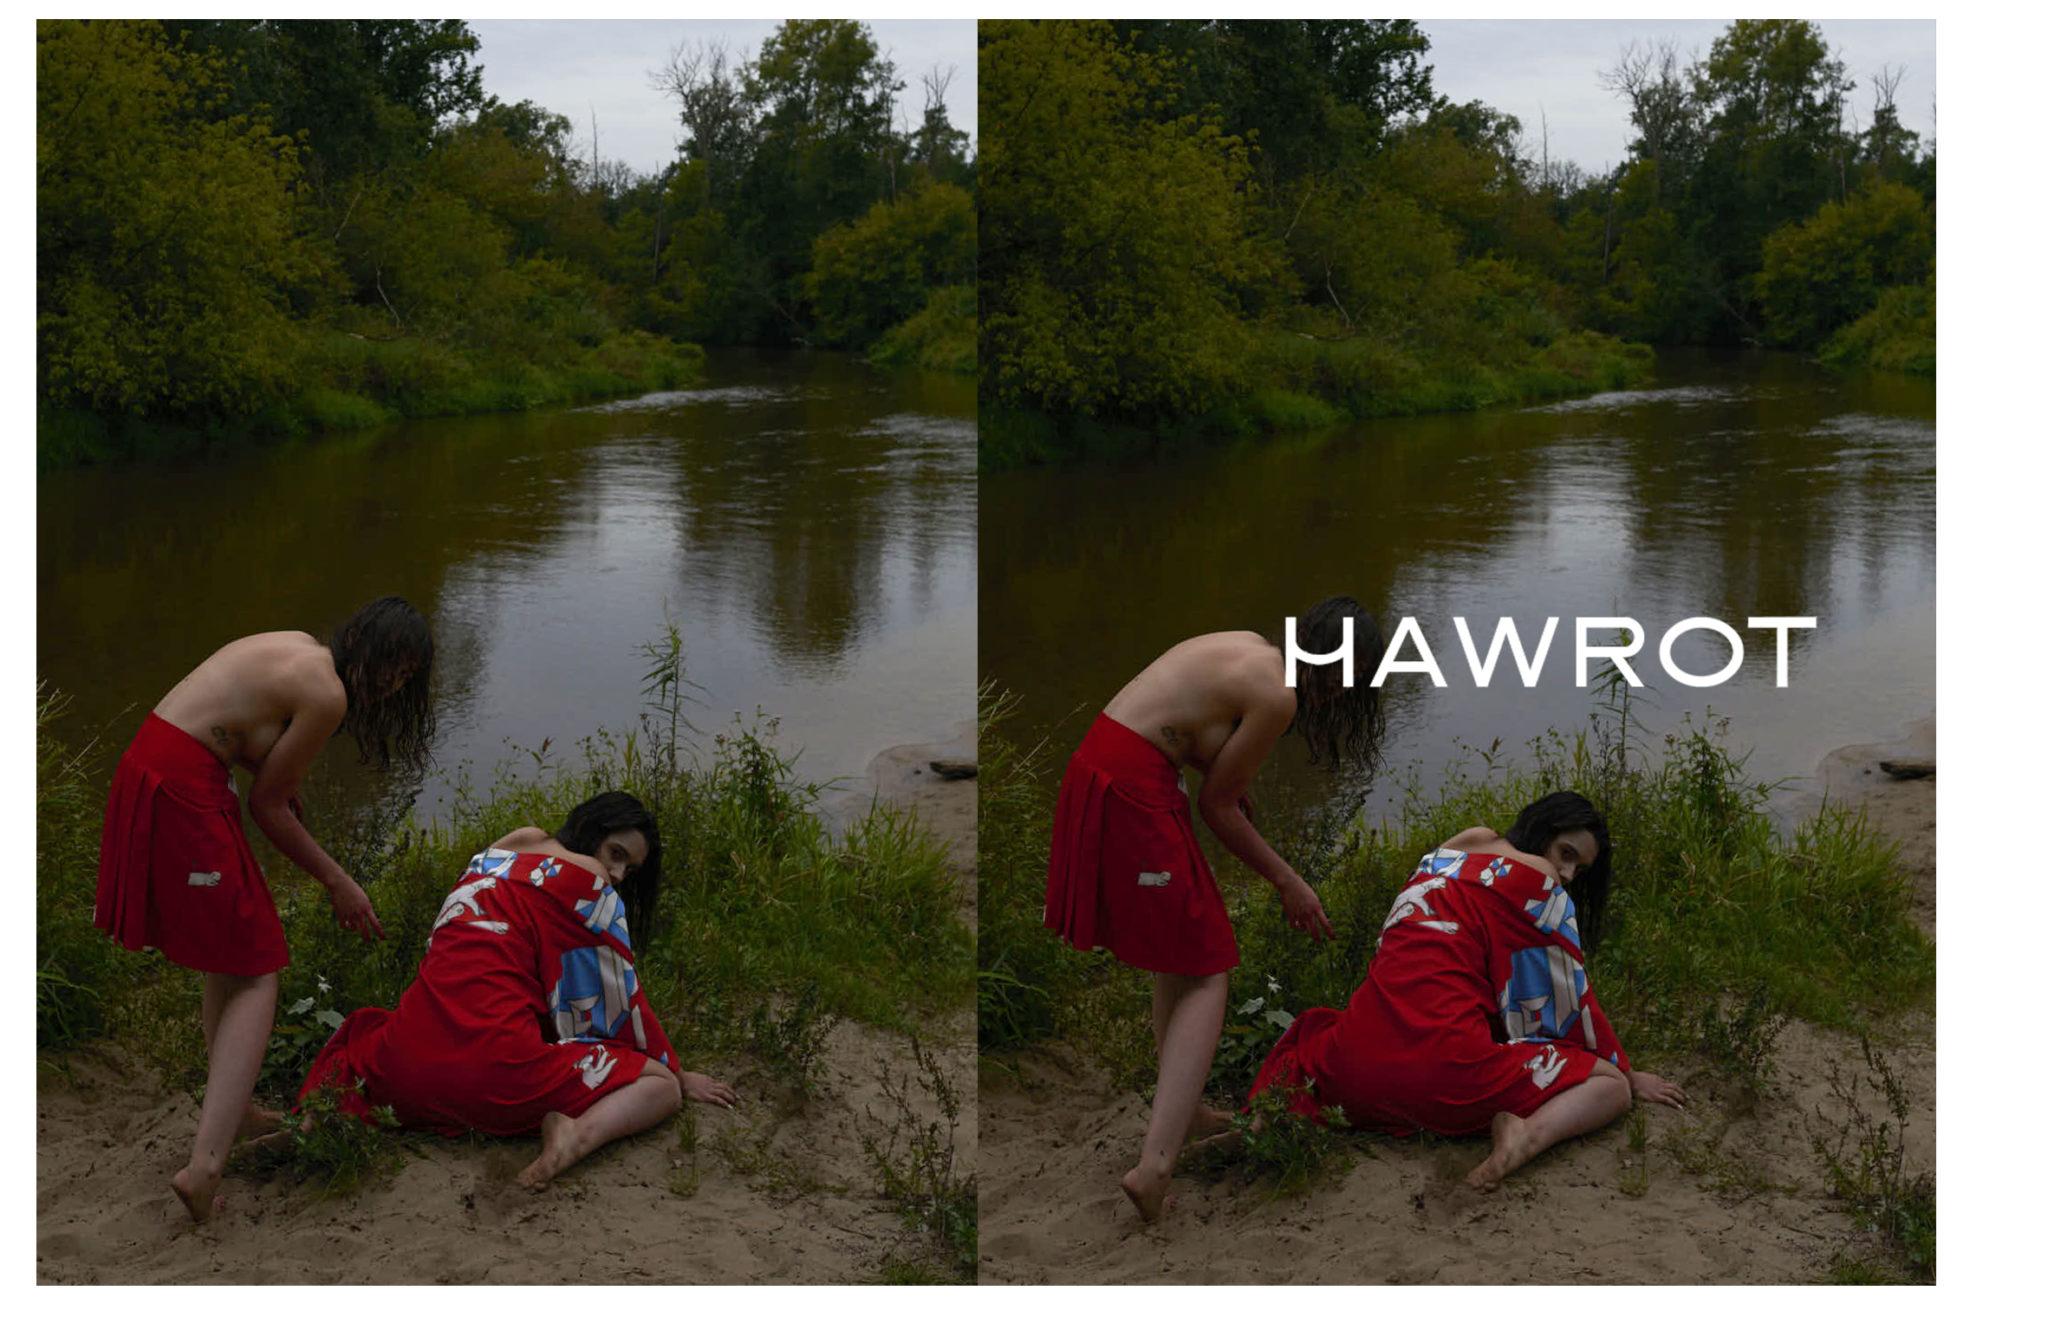 Jedno zdjecie polaczone dwoma dwie dziewczyny nad jeziorem w czerwonych kimonach przypominajace wampiry